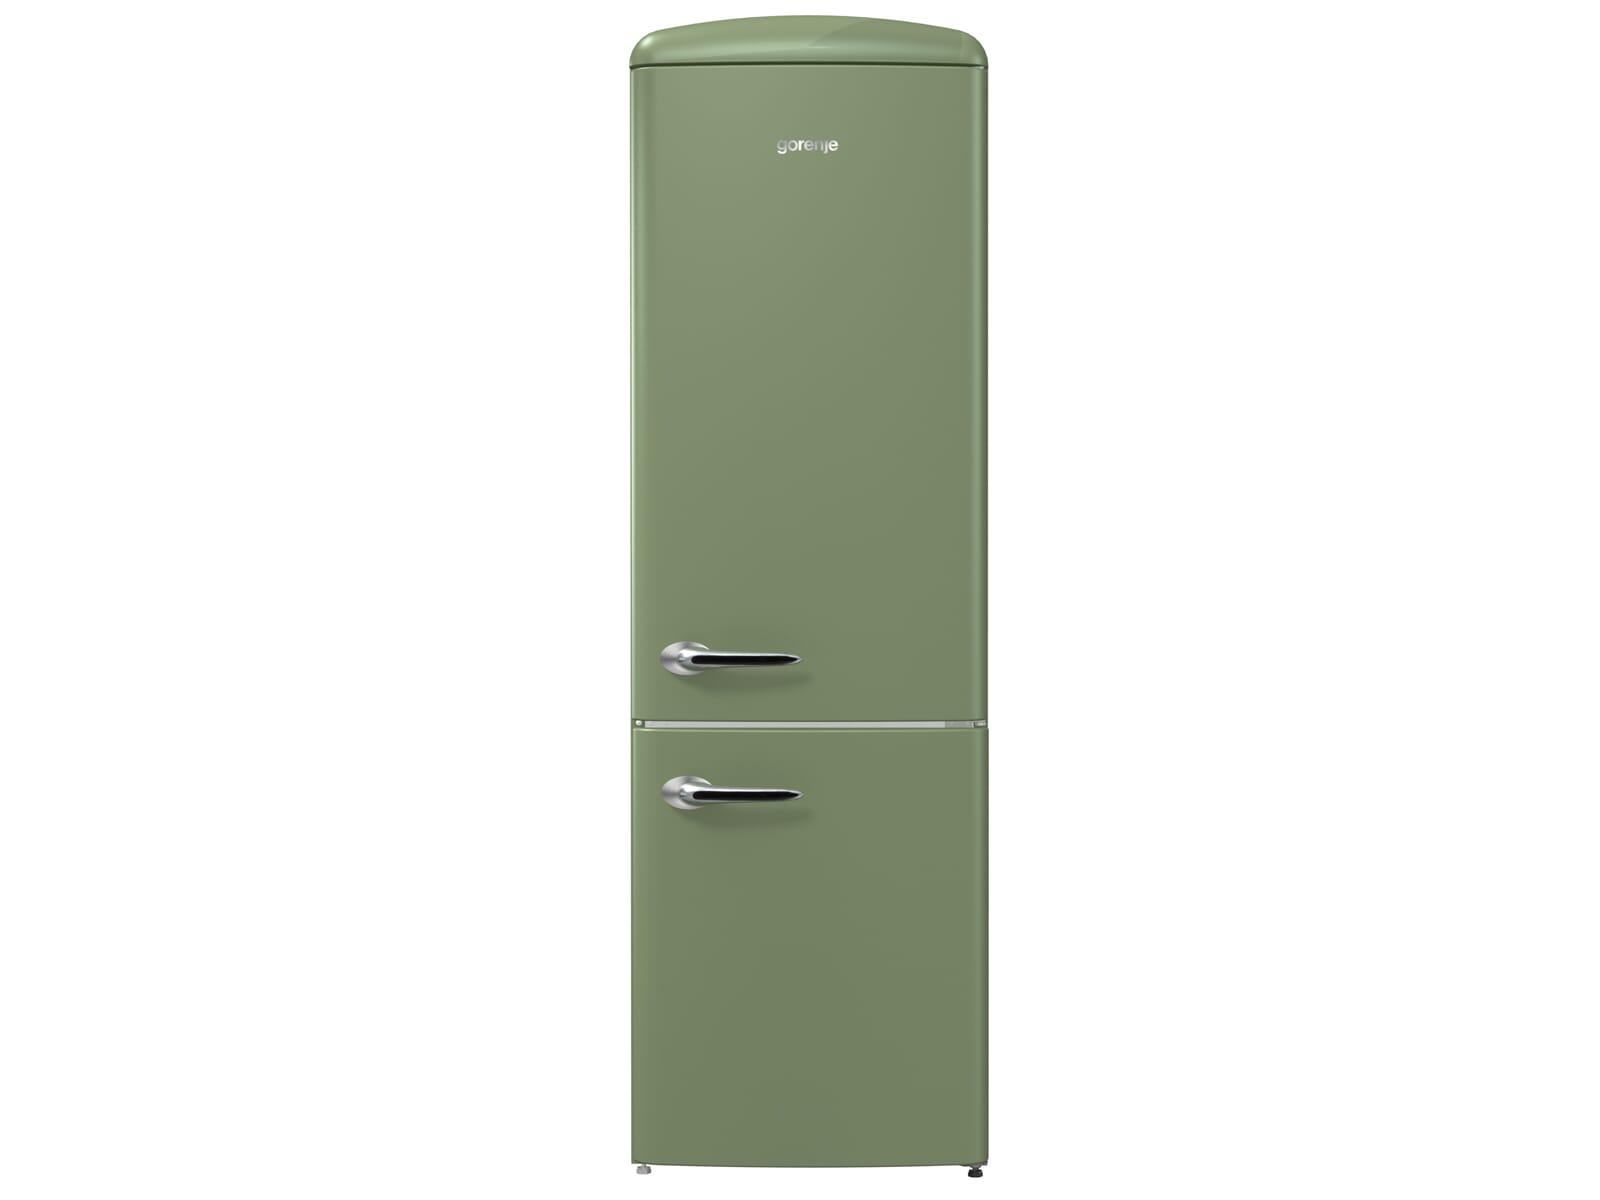 Smeg Kühlschrank Bedienungsanleitung : Smeg kühl gefrierkombination bedienungsanleitung: herrlich smeg